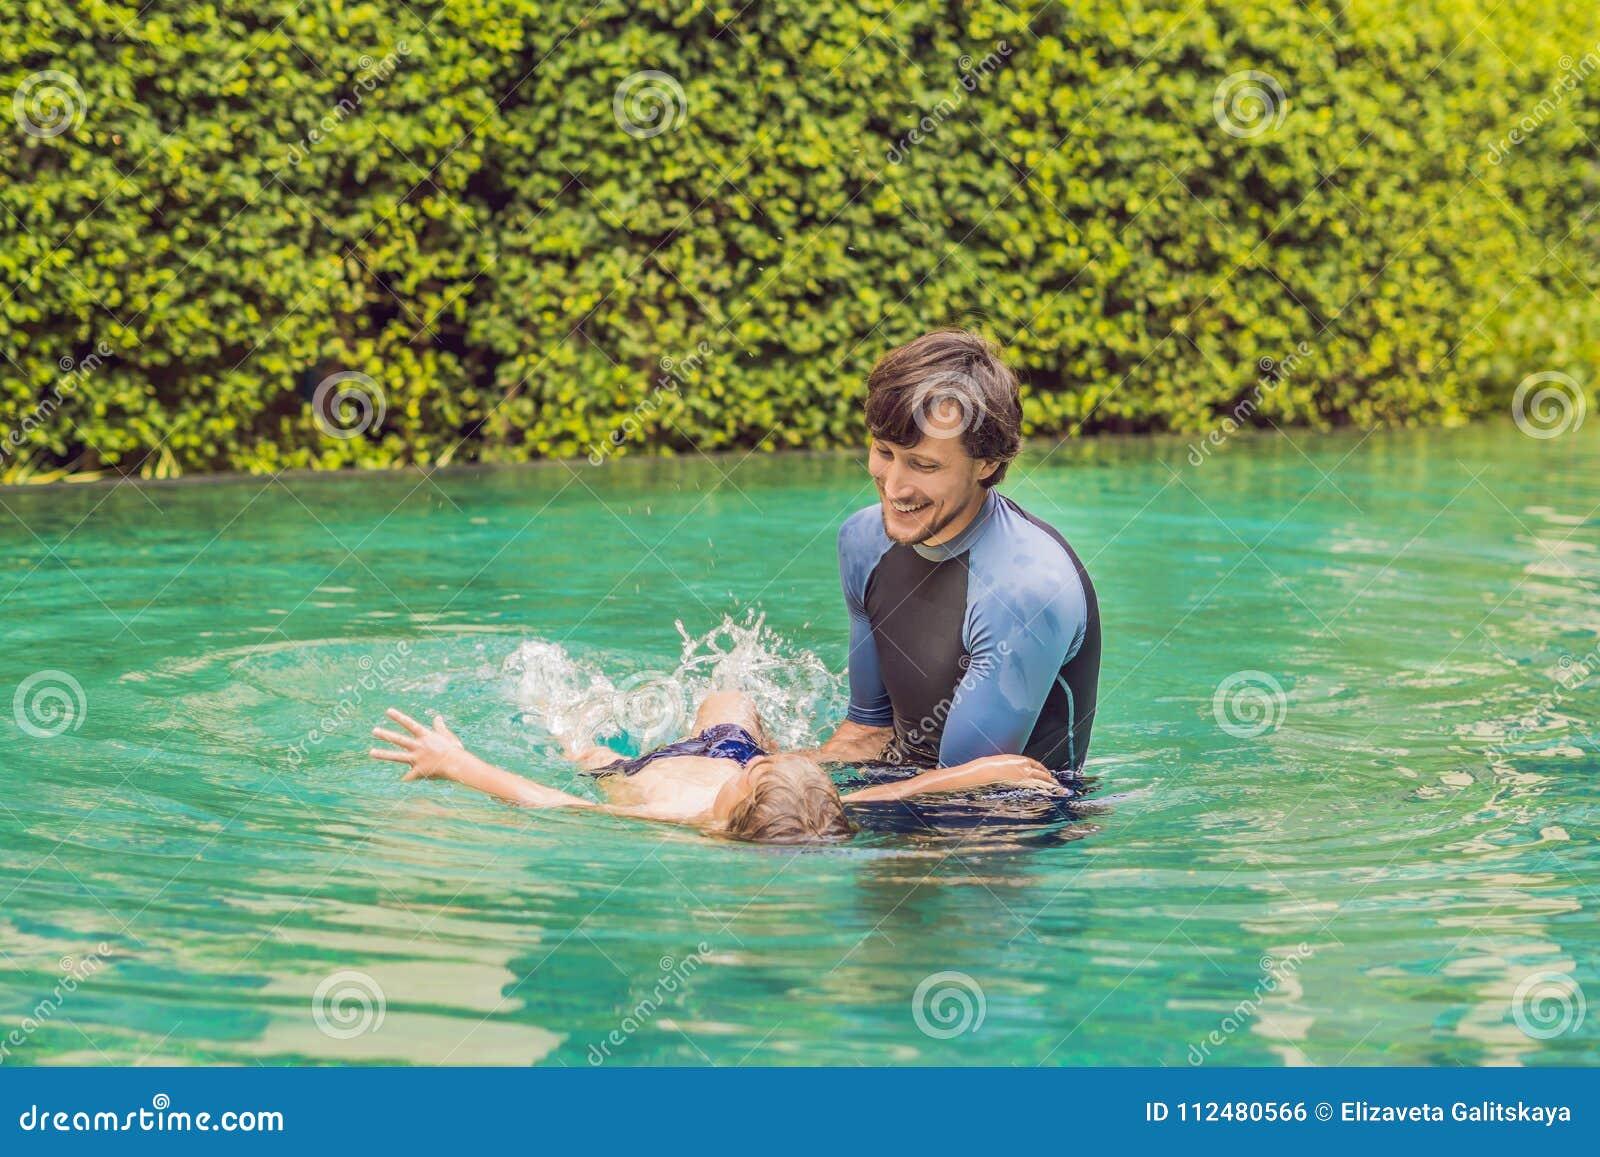 孩子的男性辅导员游泳在水池教一个愉快的男孩游泳